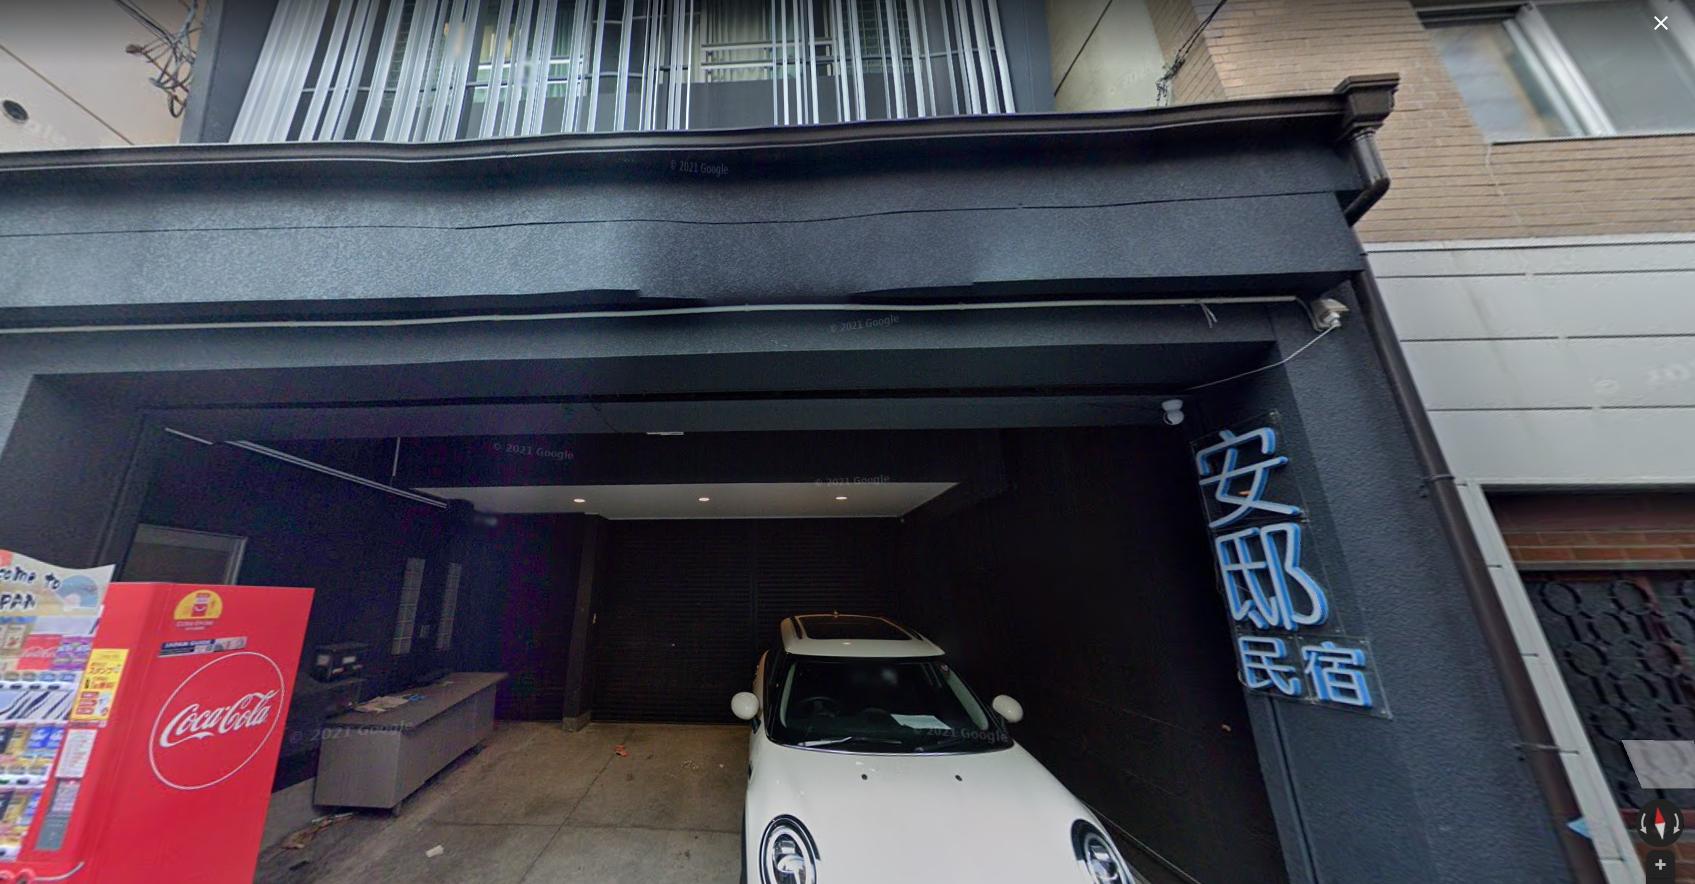 日本桥2丁目一栋楼